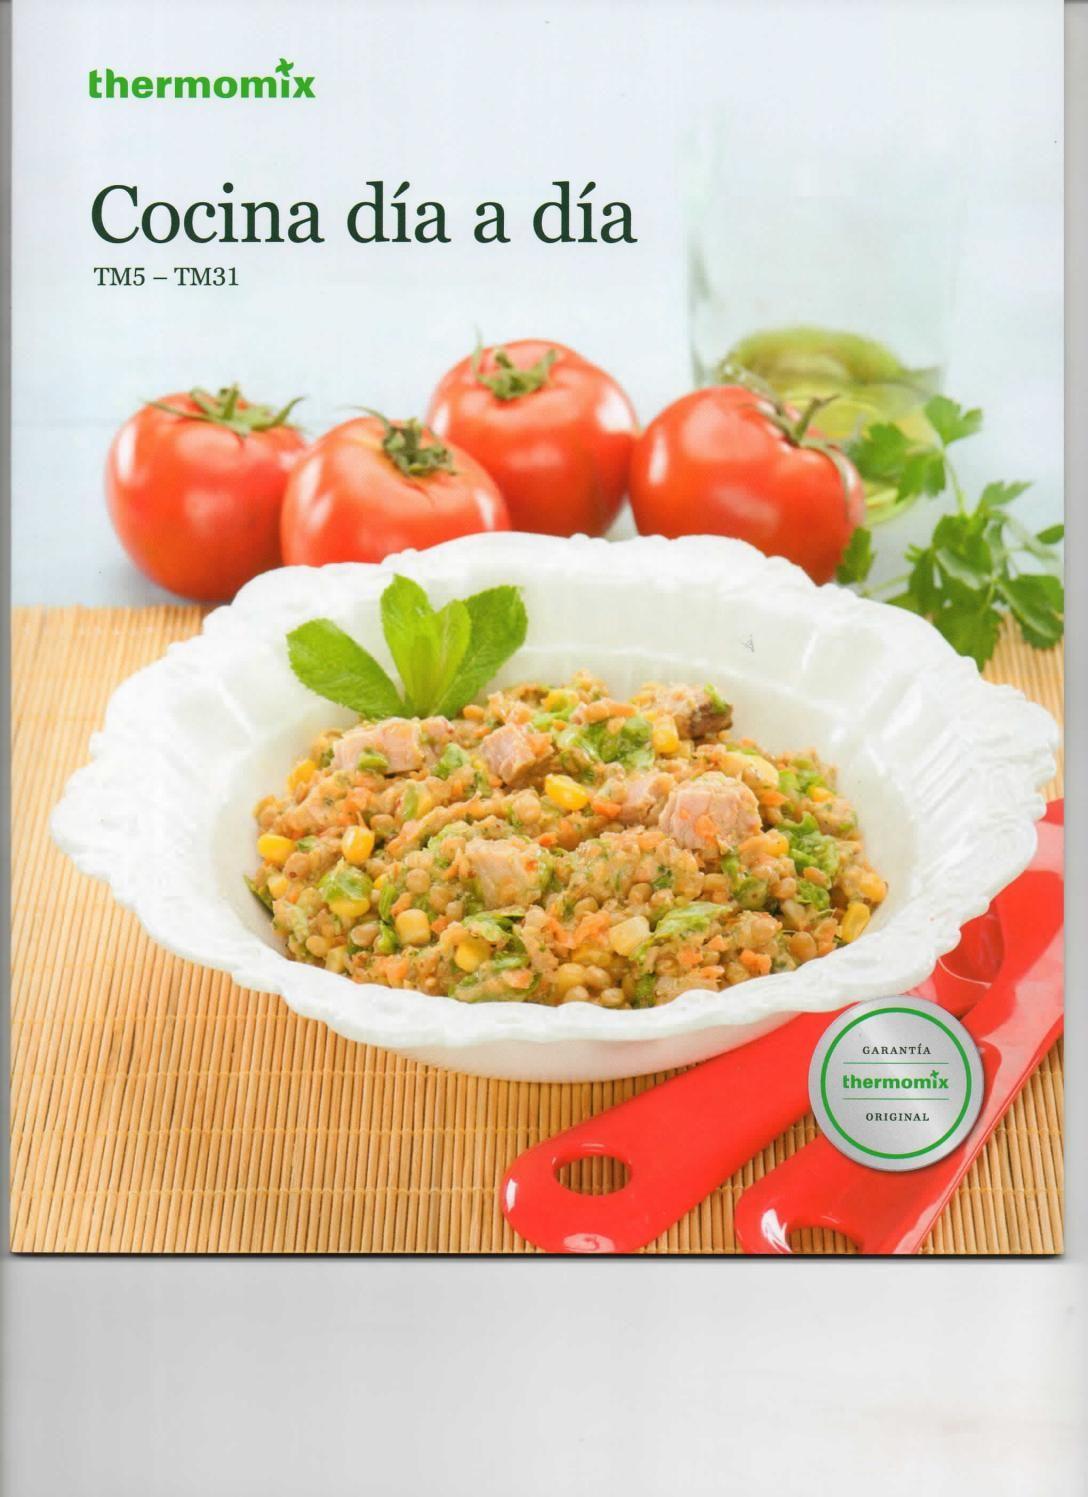 Cocina Dia A Dia Hermomix Recetas Cenas Ligeras Recetas Cenas Recetas Thermomix Tm5